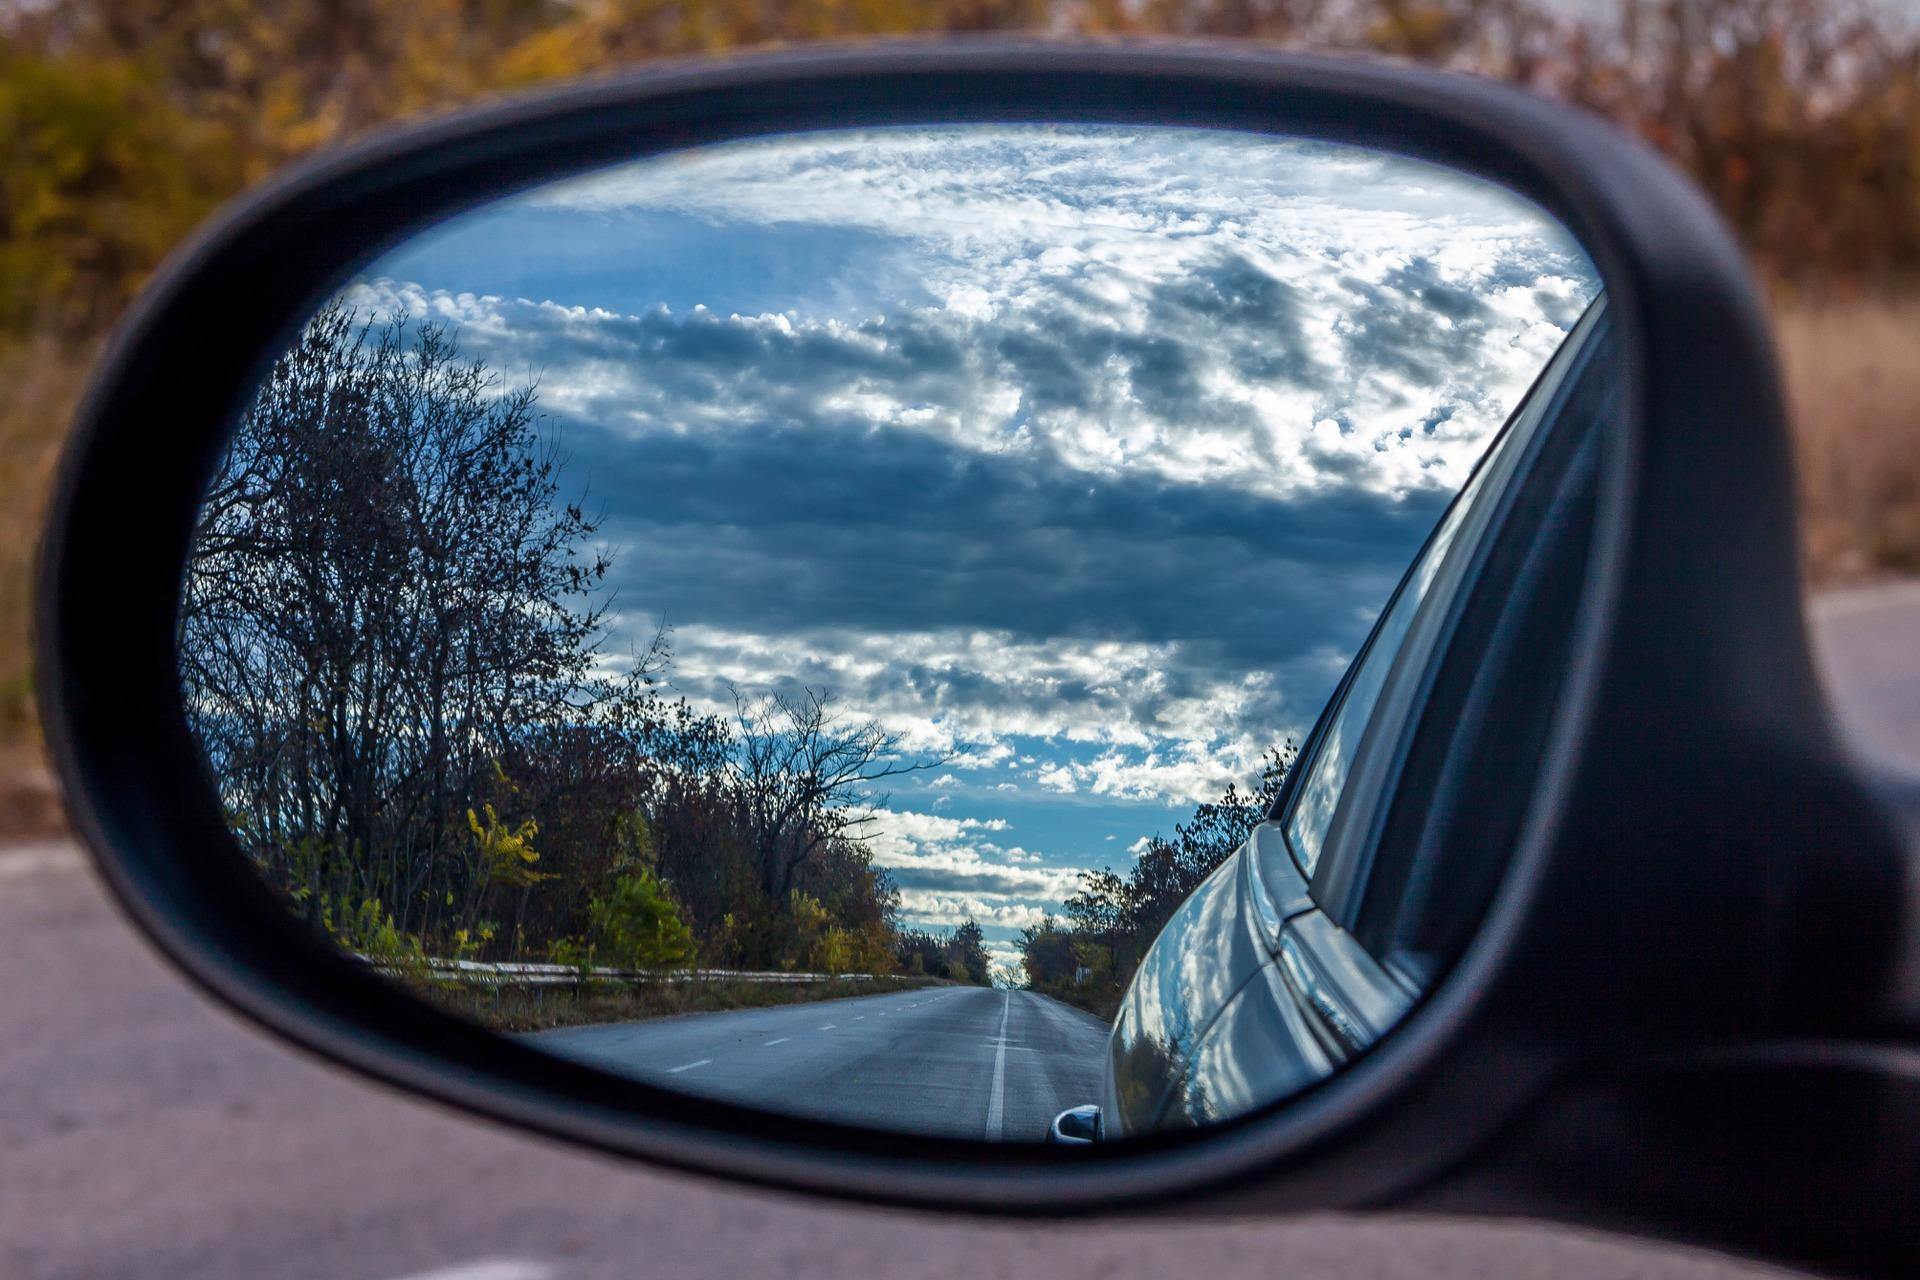 Co musisz wiedzieć zanim zdecydujesz się na wynajem samochodów osobowych?